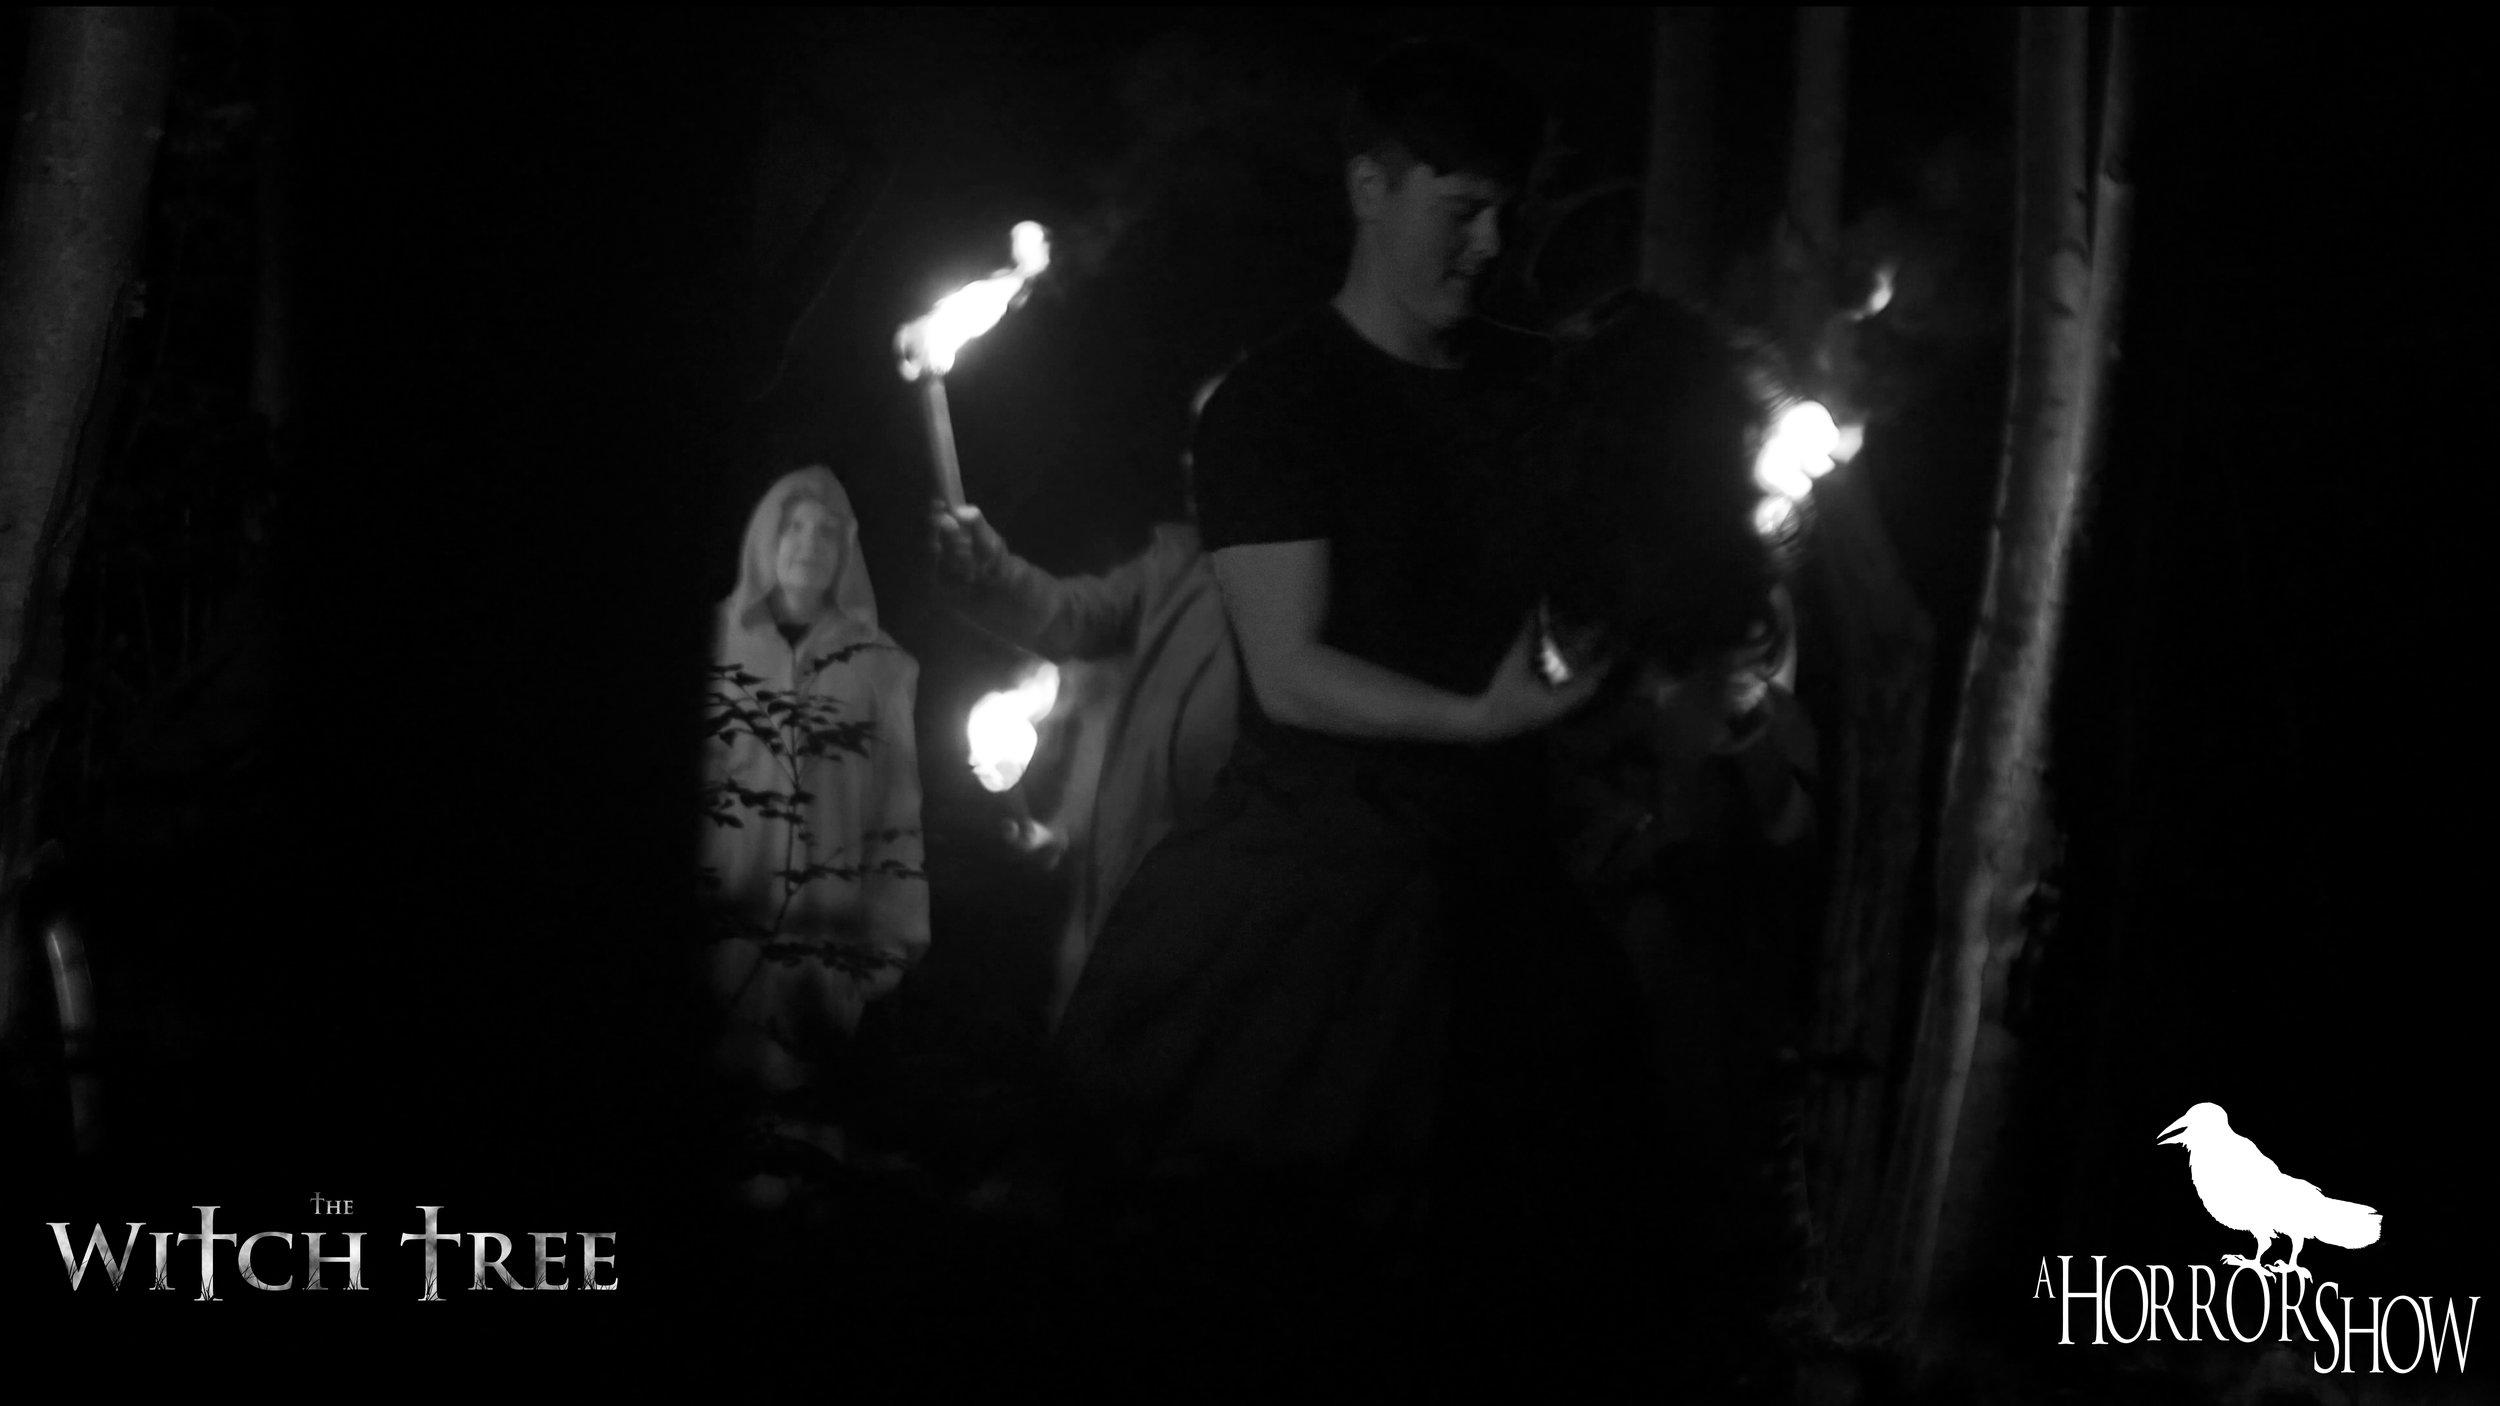 THE WITCH TREE BTS STILLS_020.jpg